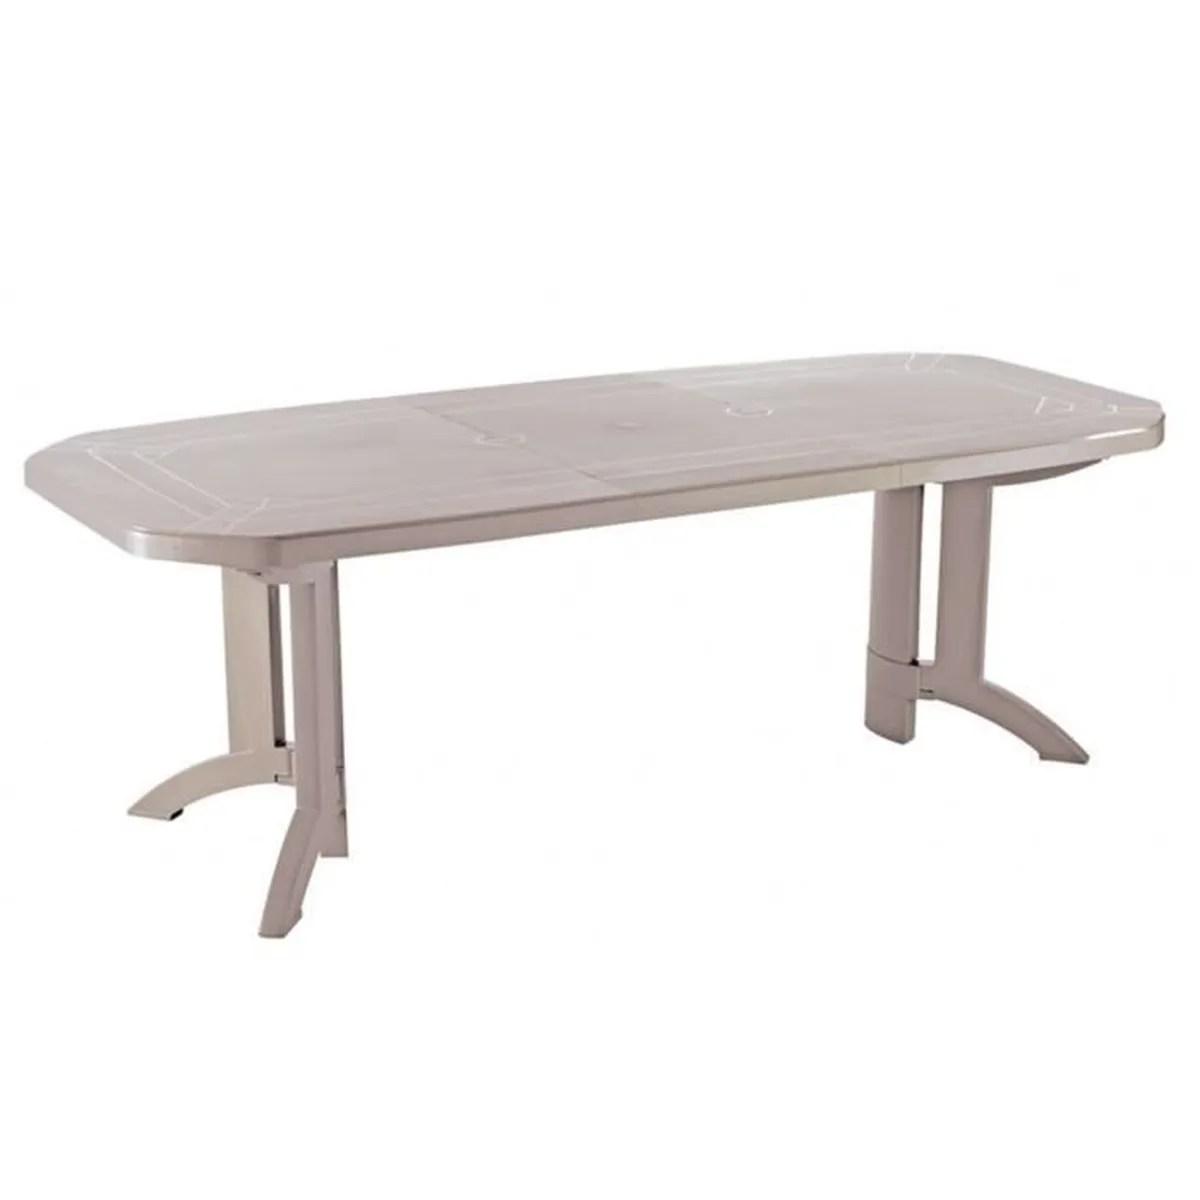 Table De Jardin Extensible 12 Places | Table De Jardin Plastique 12 ...